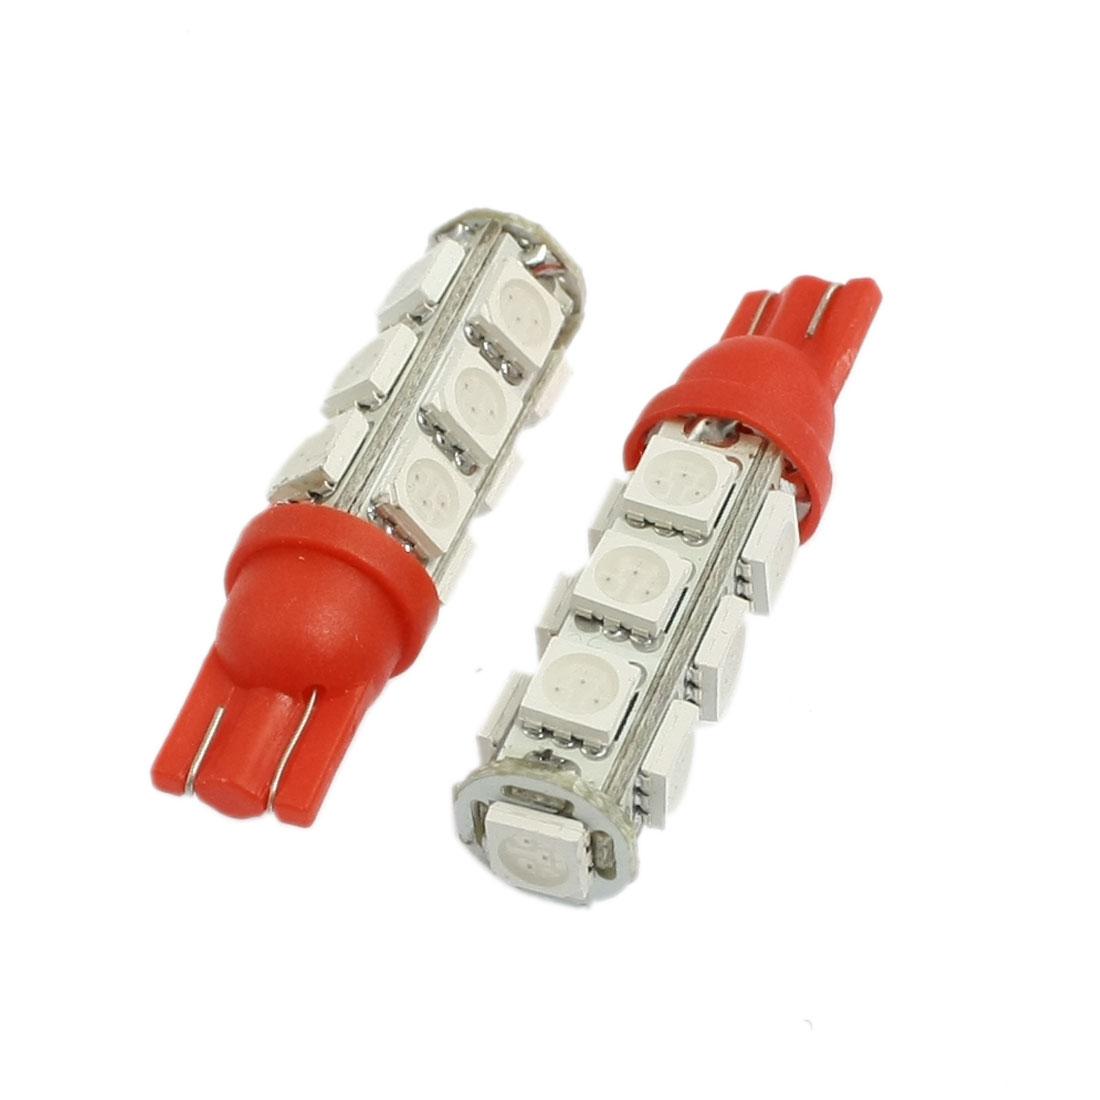 2 Pcs Car Auto T10 Red 5050 13-SMD LED Bulb Light Lamp